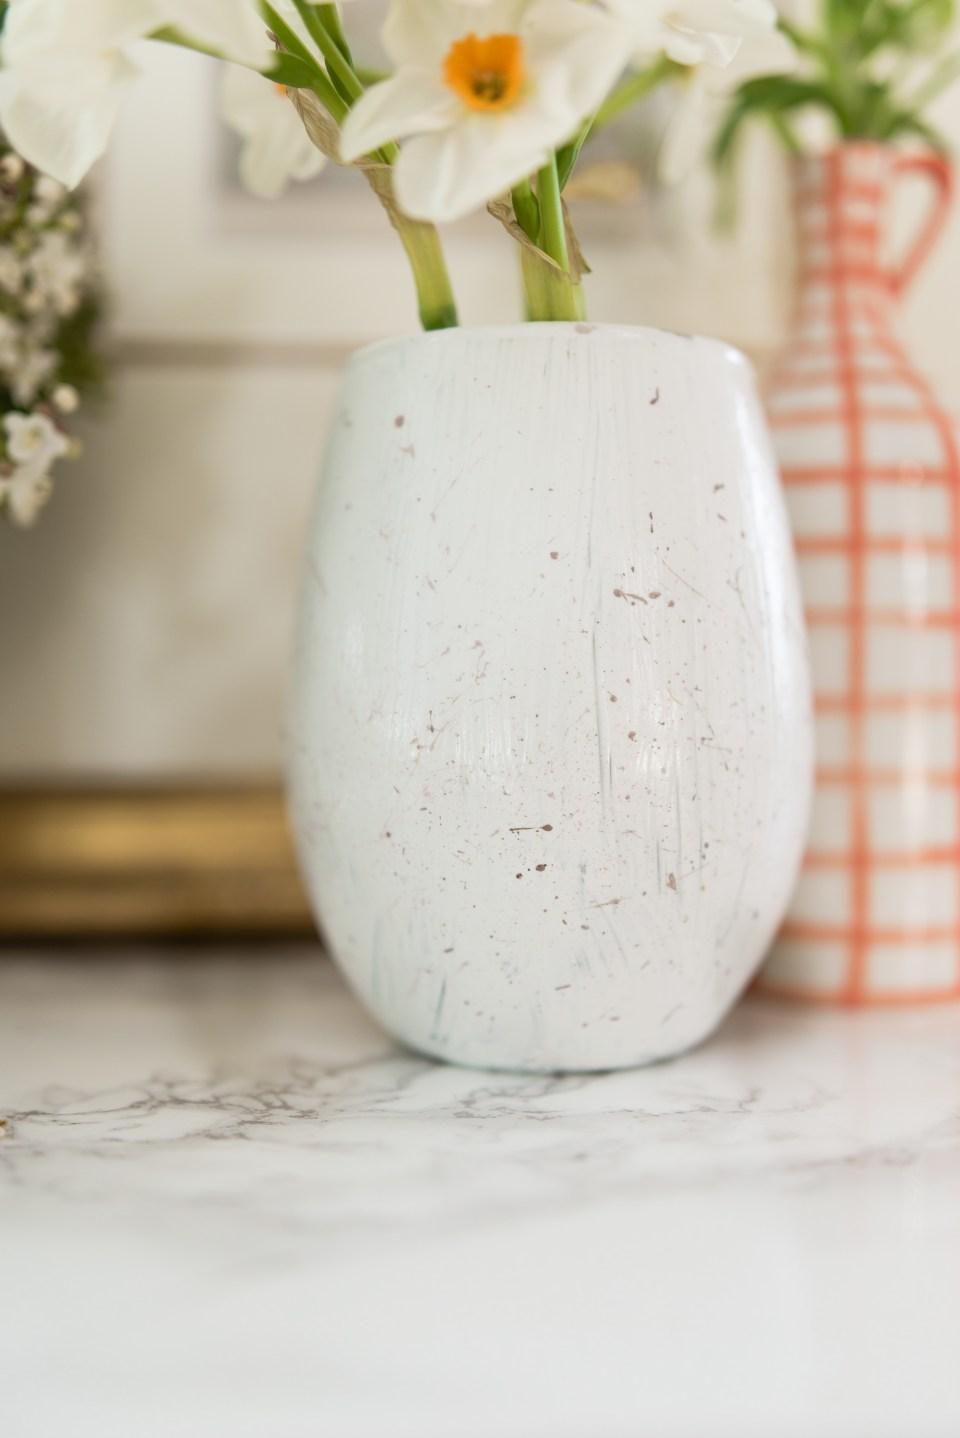 Easter Crafts - DIY Easter Egg Vases